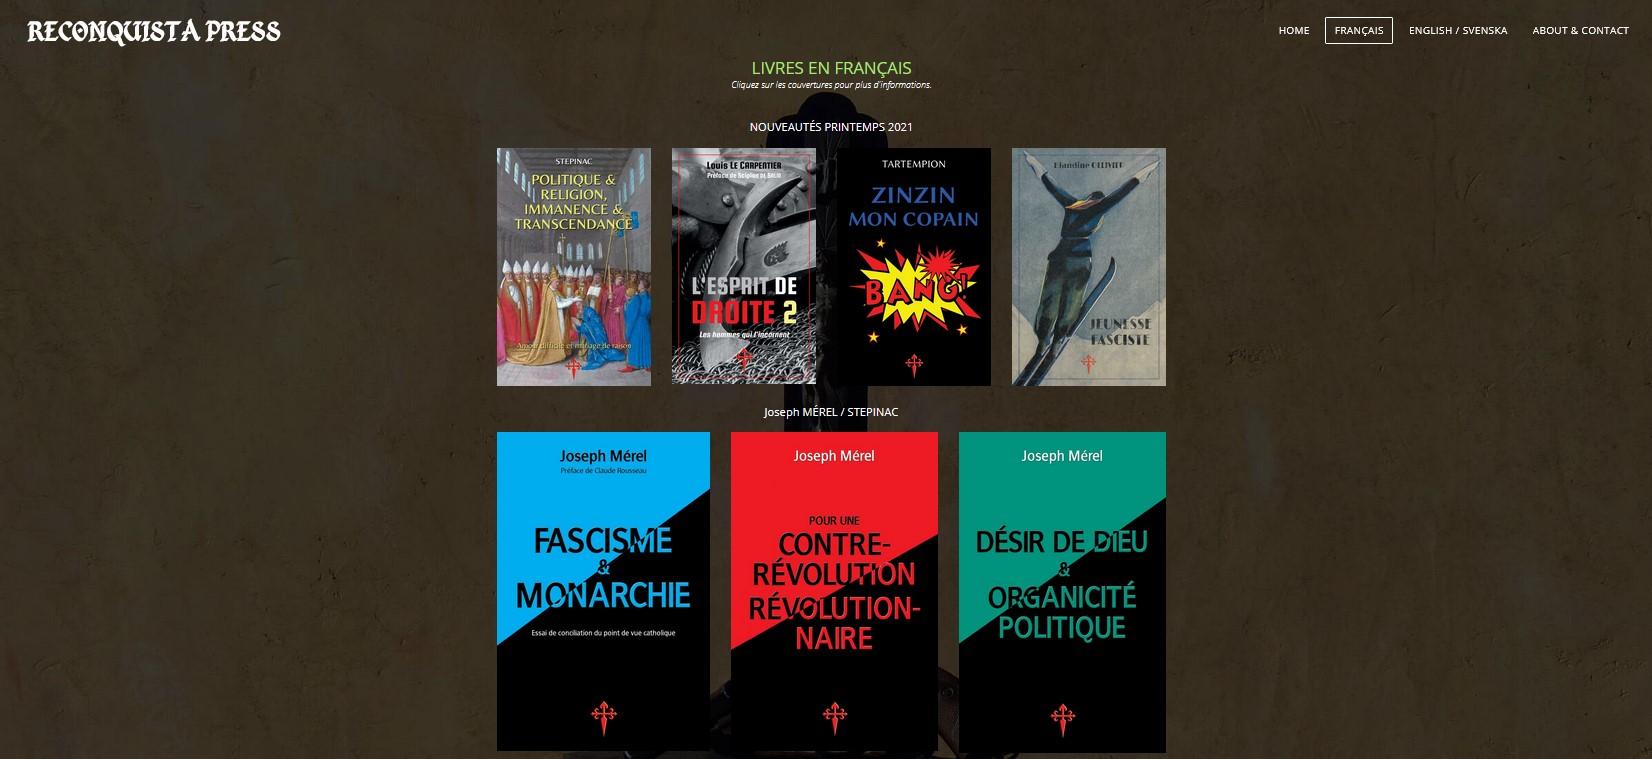 Immanence et Transcendance & L'esprit de droite 2 – Stepinac & Le Carpentier